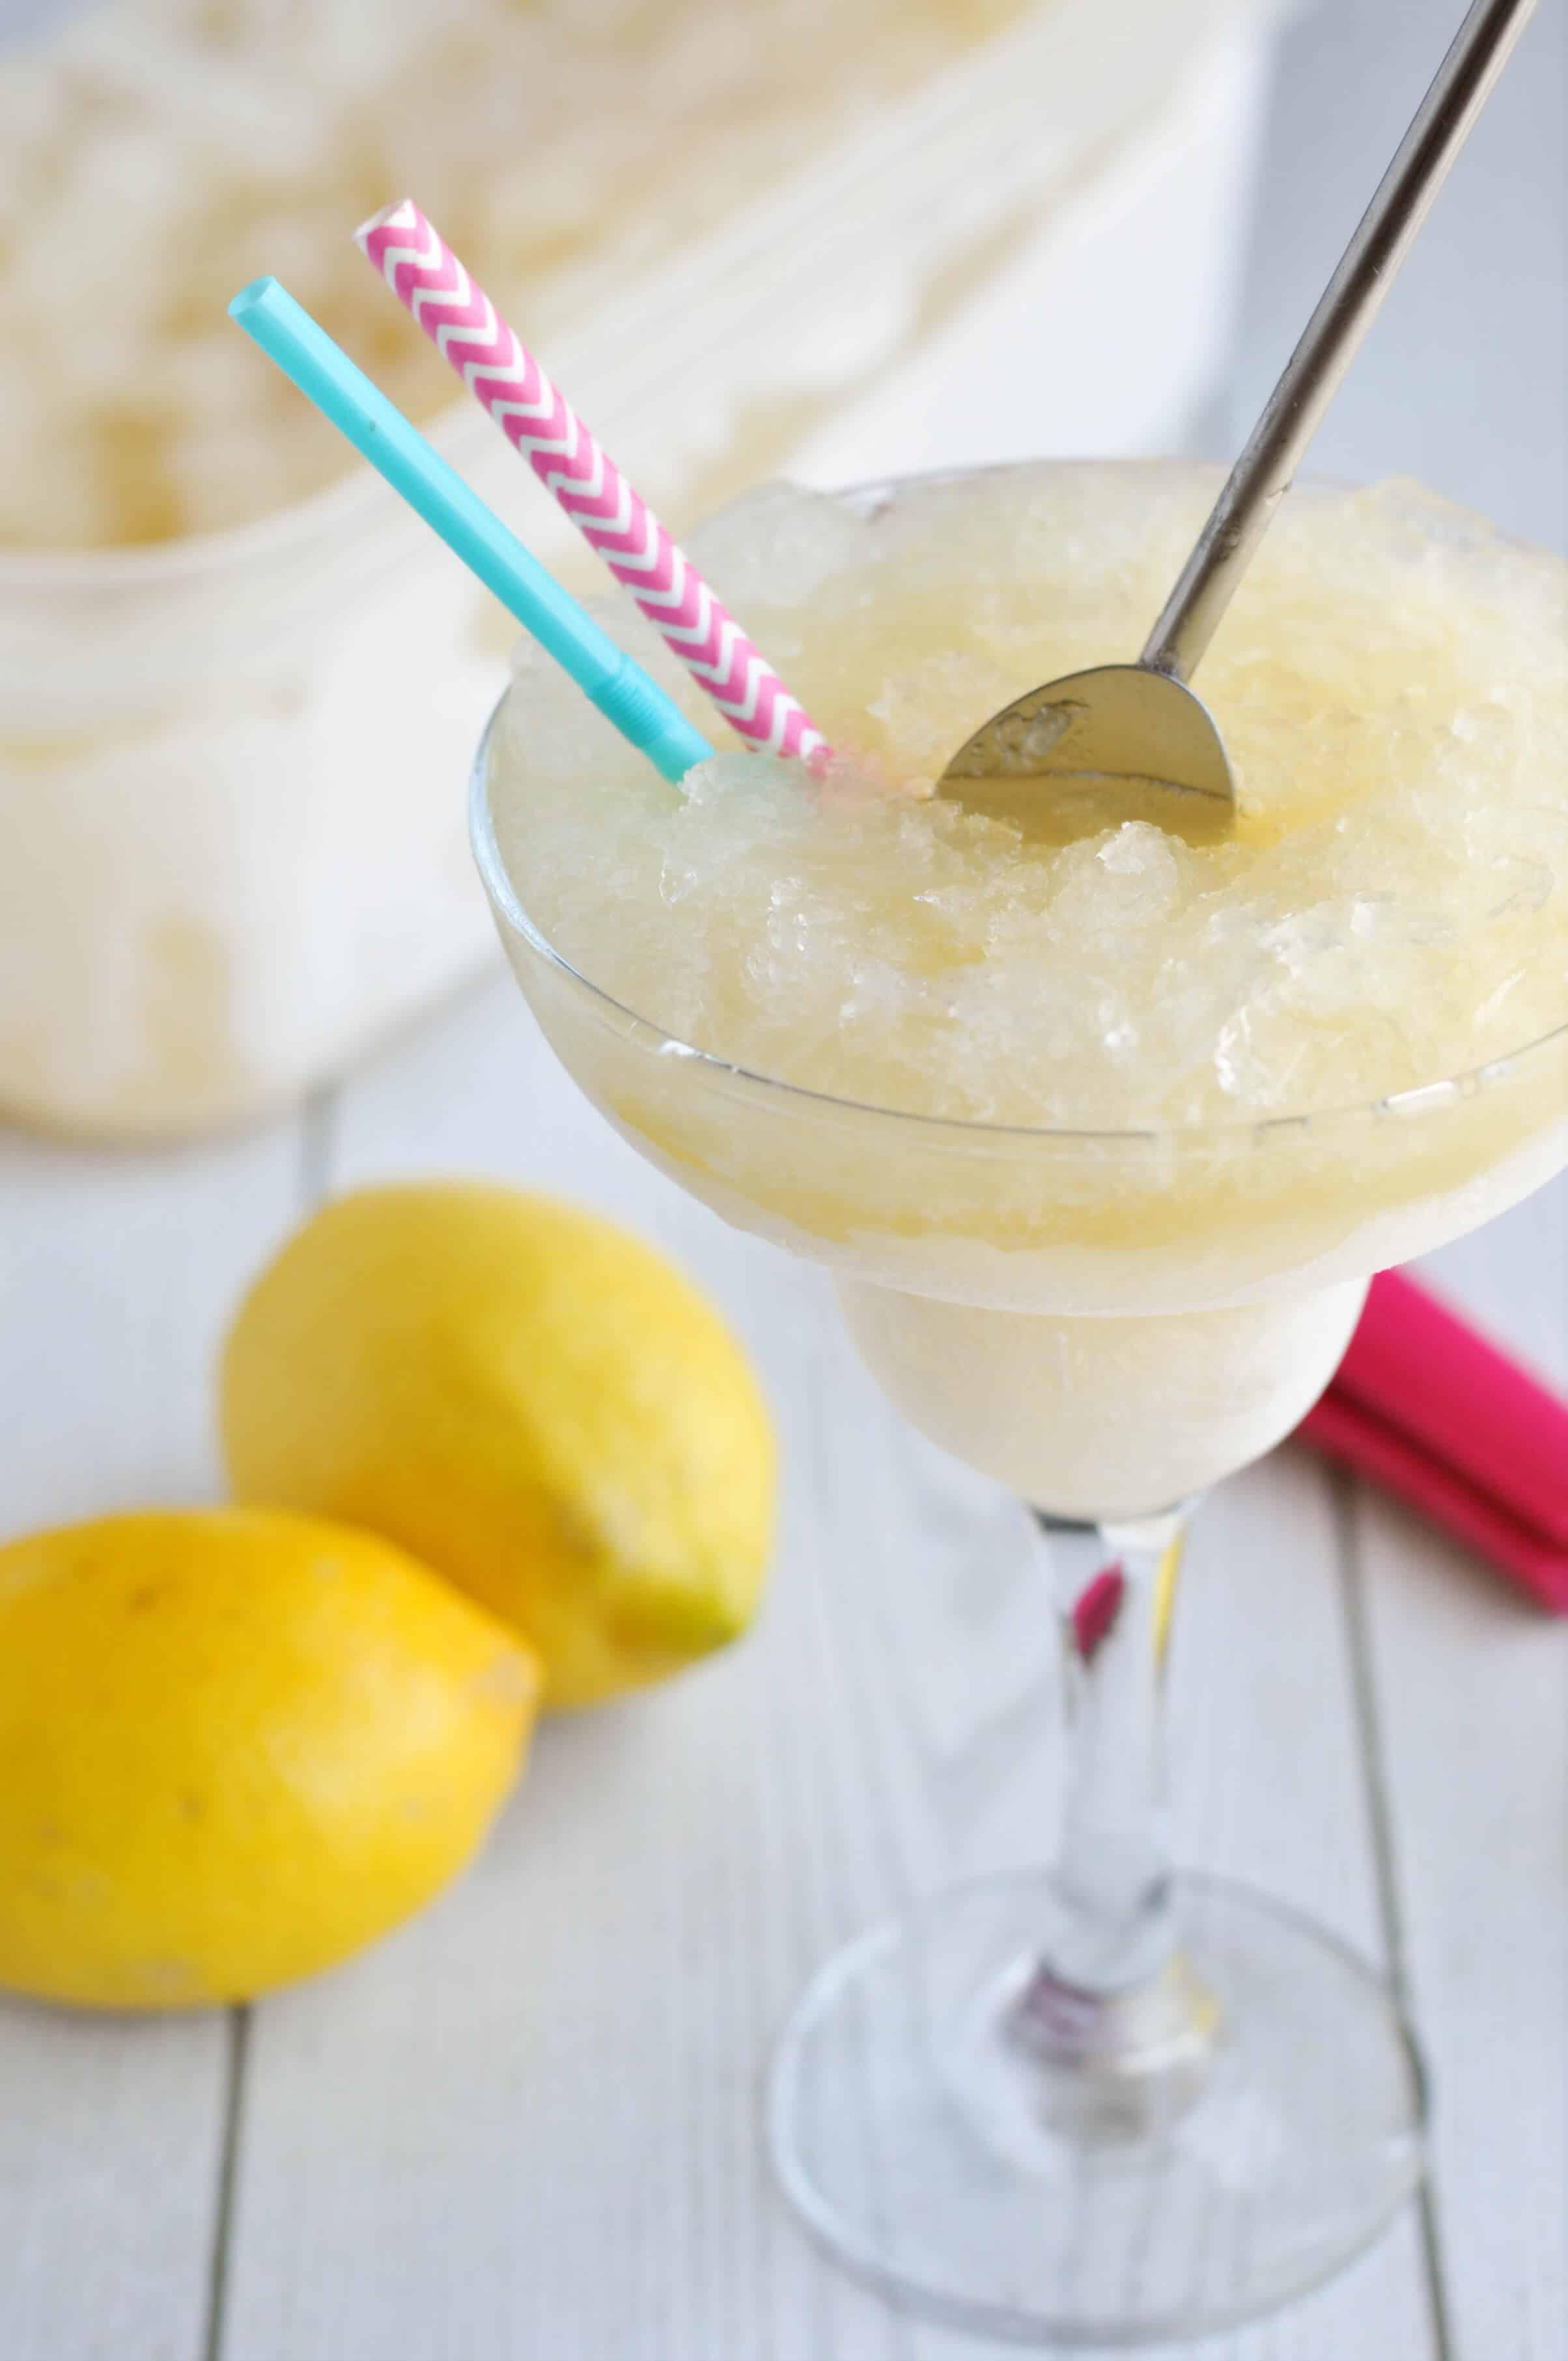 A silver metal spoon stirring a glass of lemon vodka slush